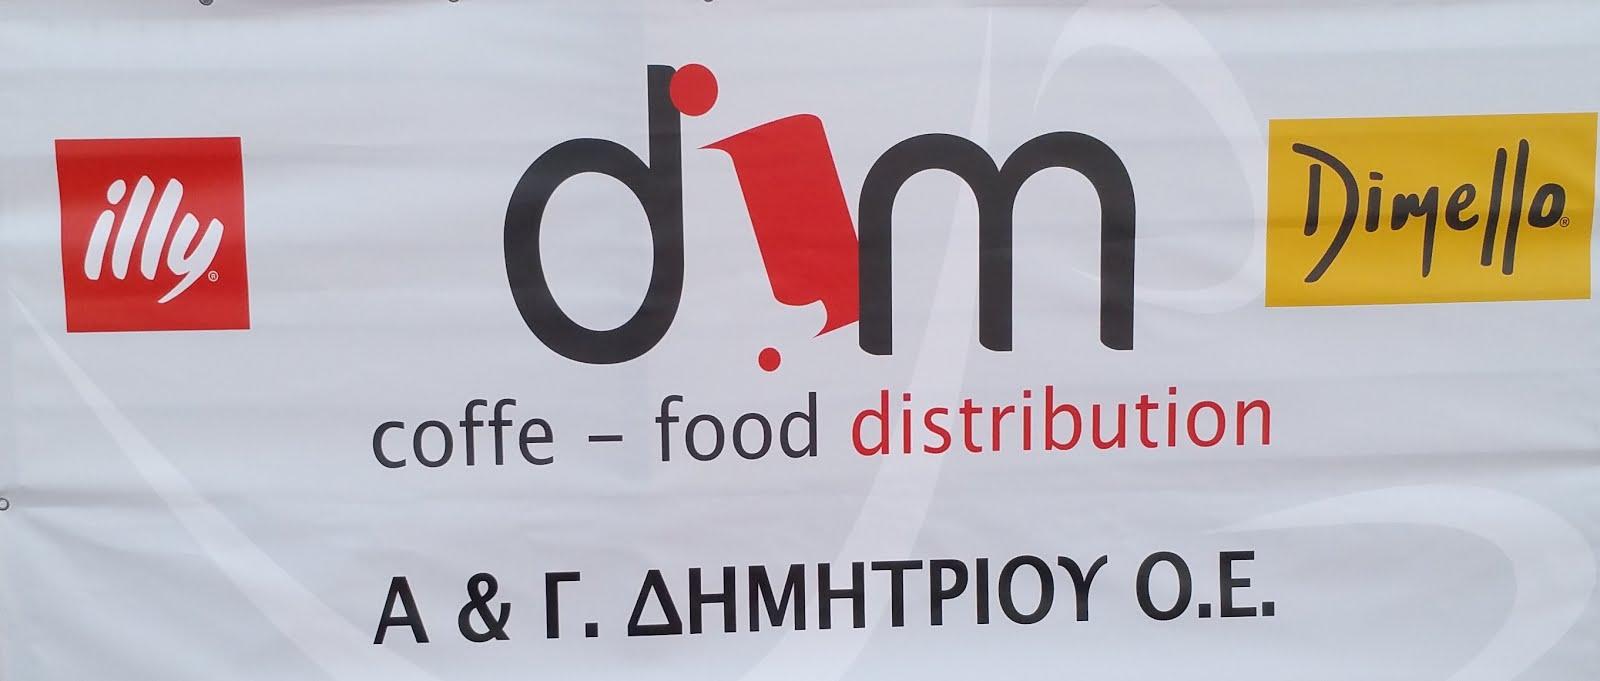 Α.& Γ. ΔΗΜΗΤΡΙΟΥ Ο.Ε. DIM COFEE-FOOD DISTRIBUTION